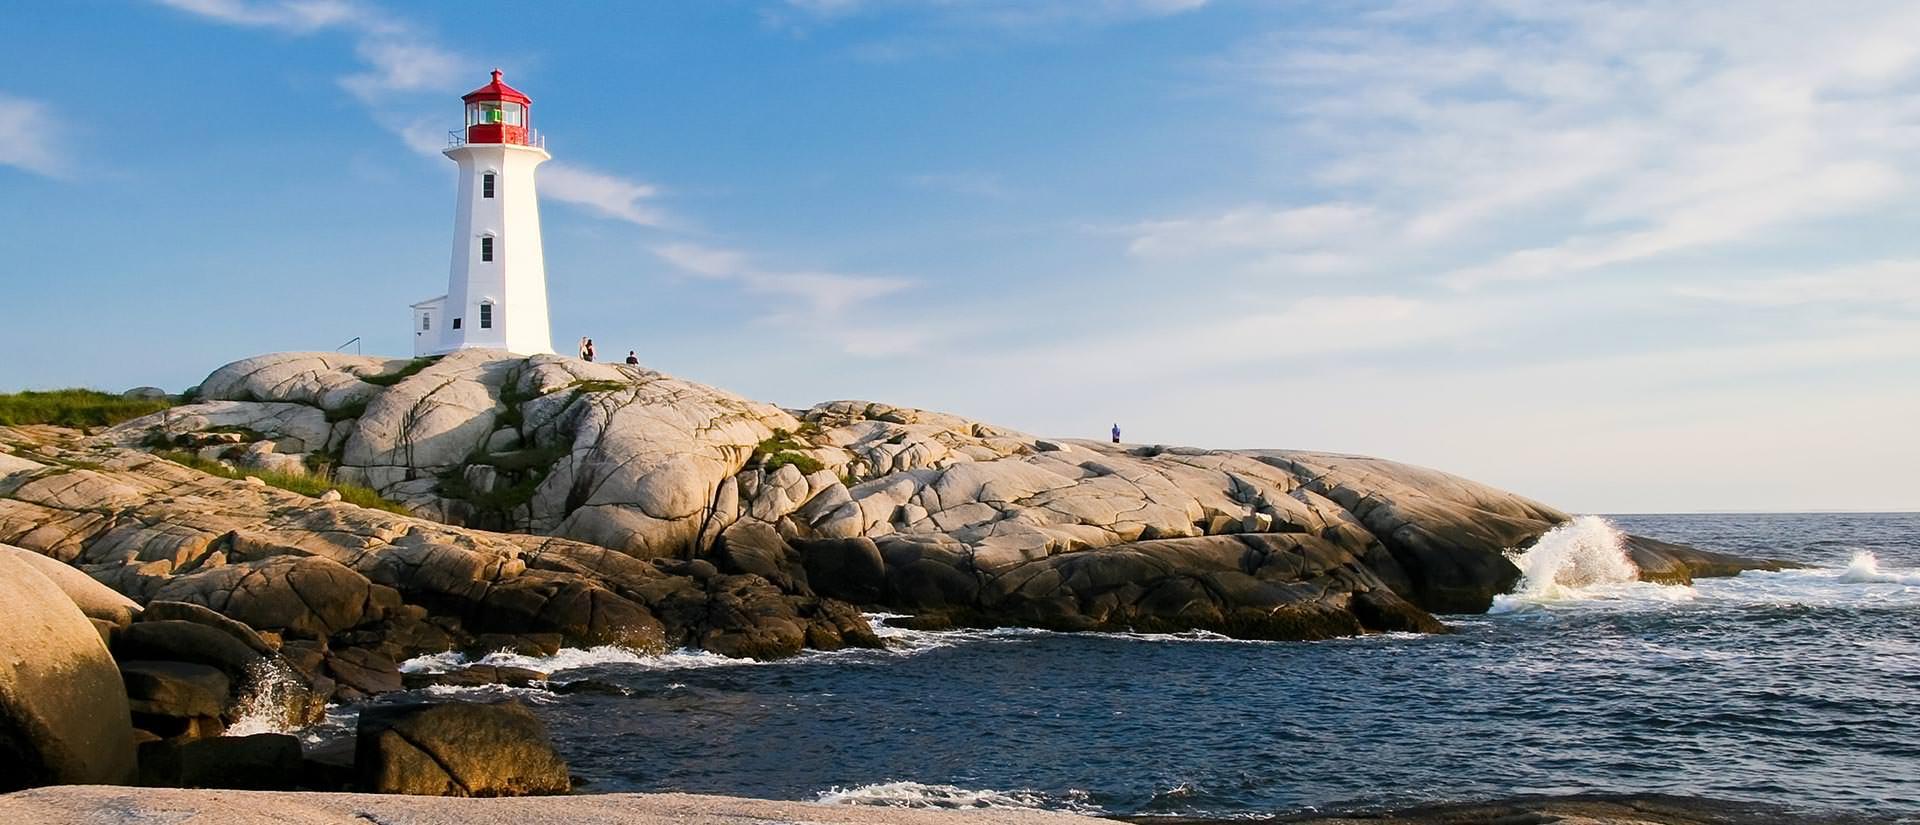 טיול לארה''ב ומזרח קנדה - 16 יום - טיול שלכת מבוסטון ופארק אכדיה אל פרובינציית נובה סקוטיה